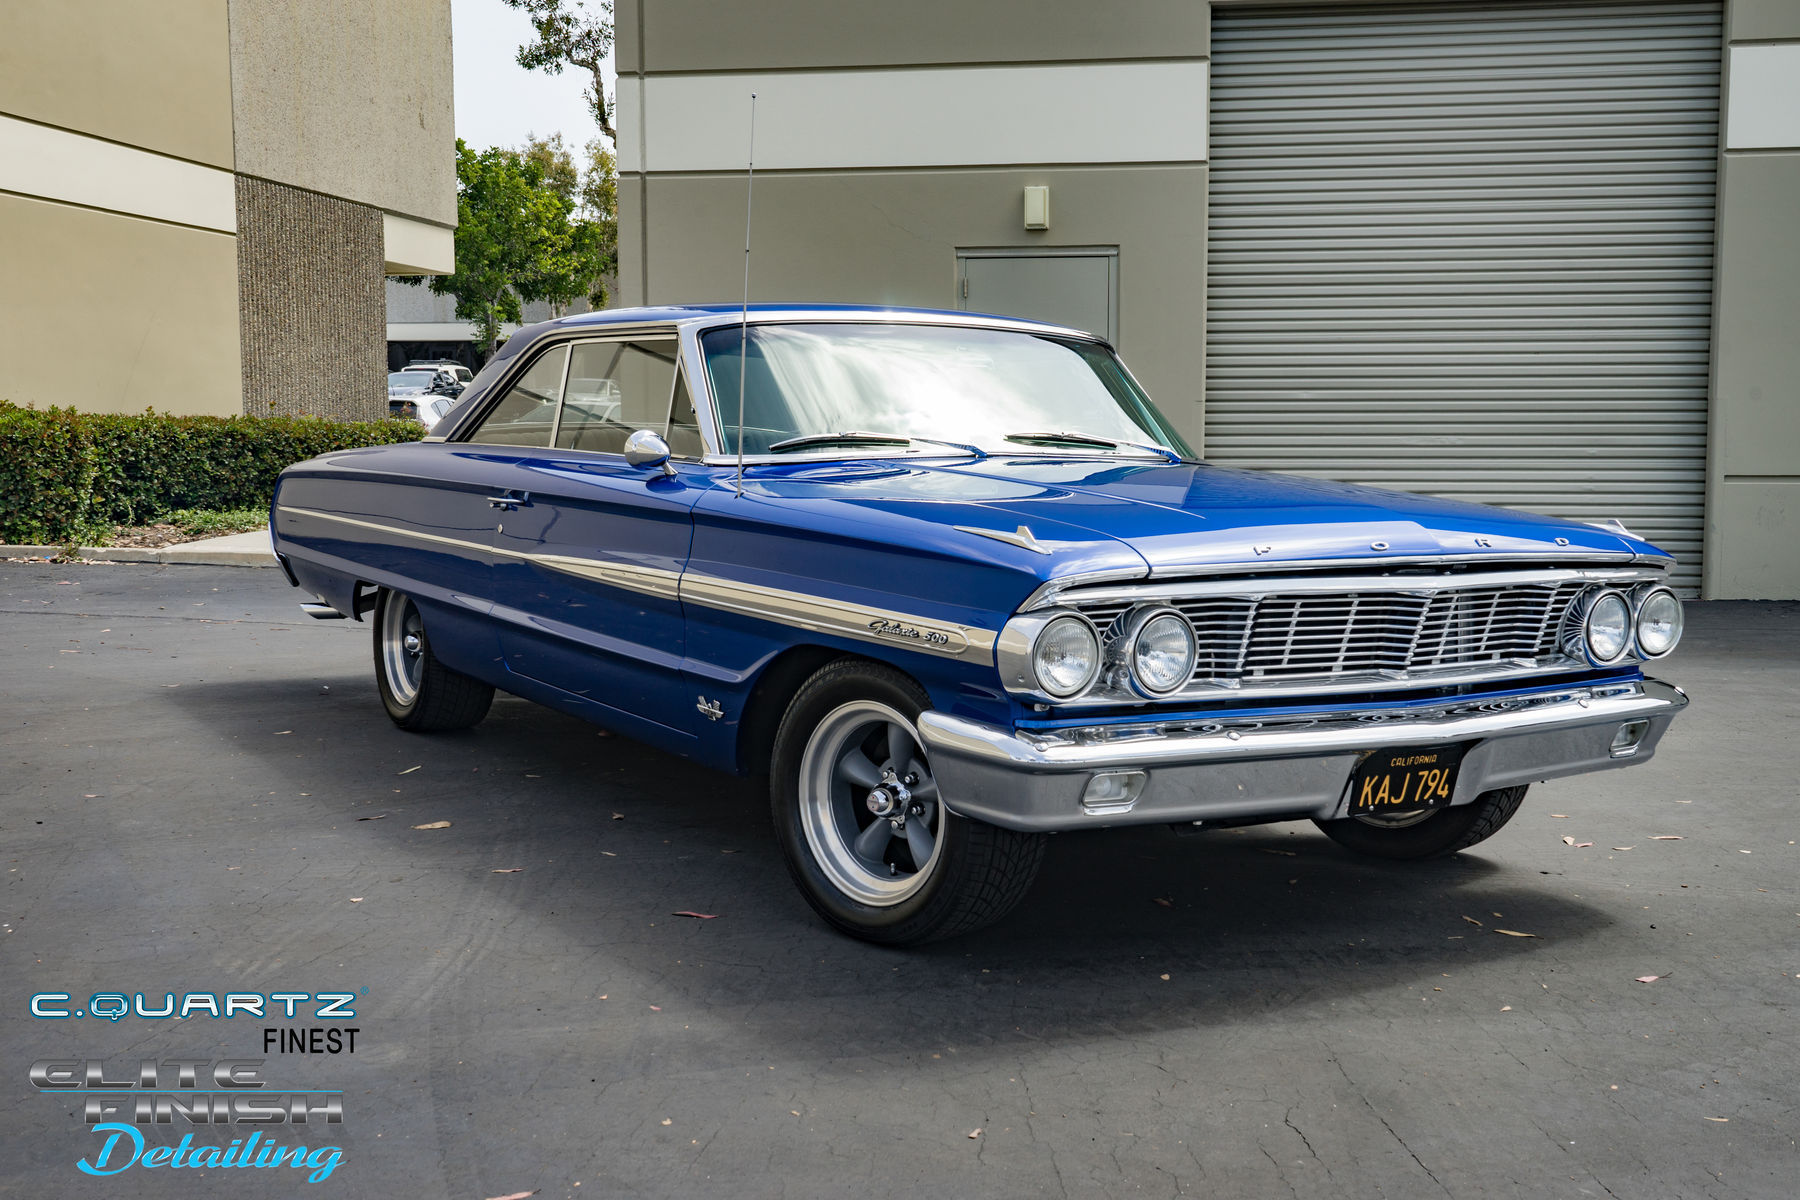 1964 Ford Galaxie | 1964 Ford Galaxie 500 Restomod